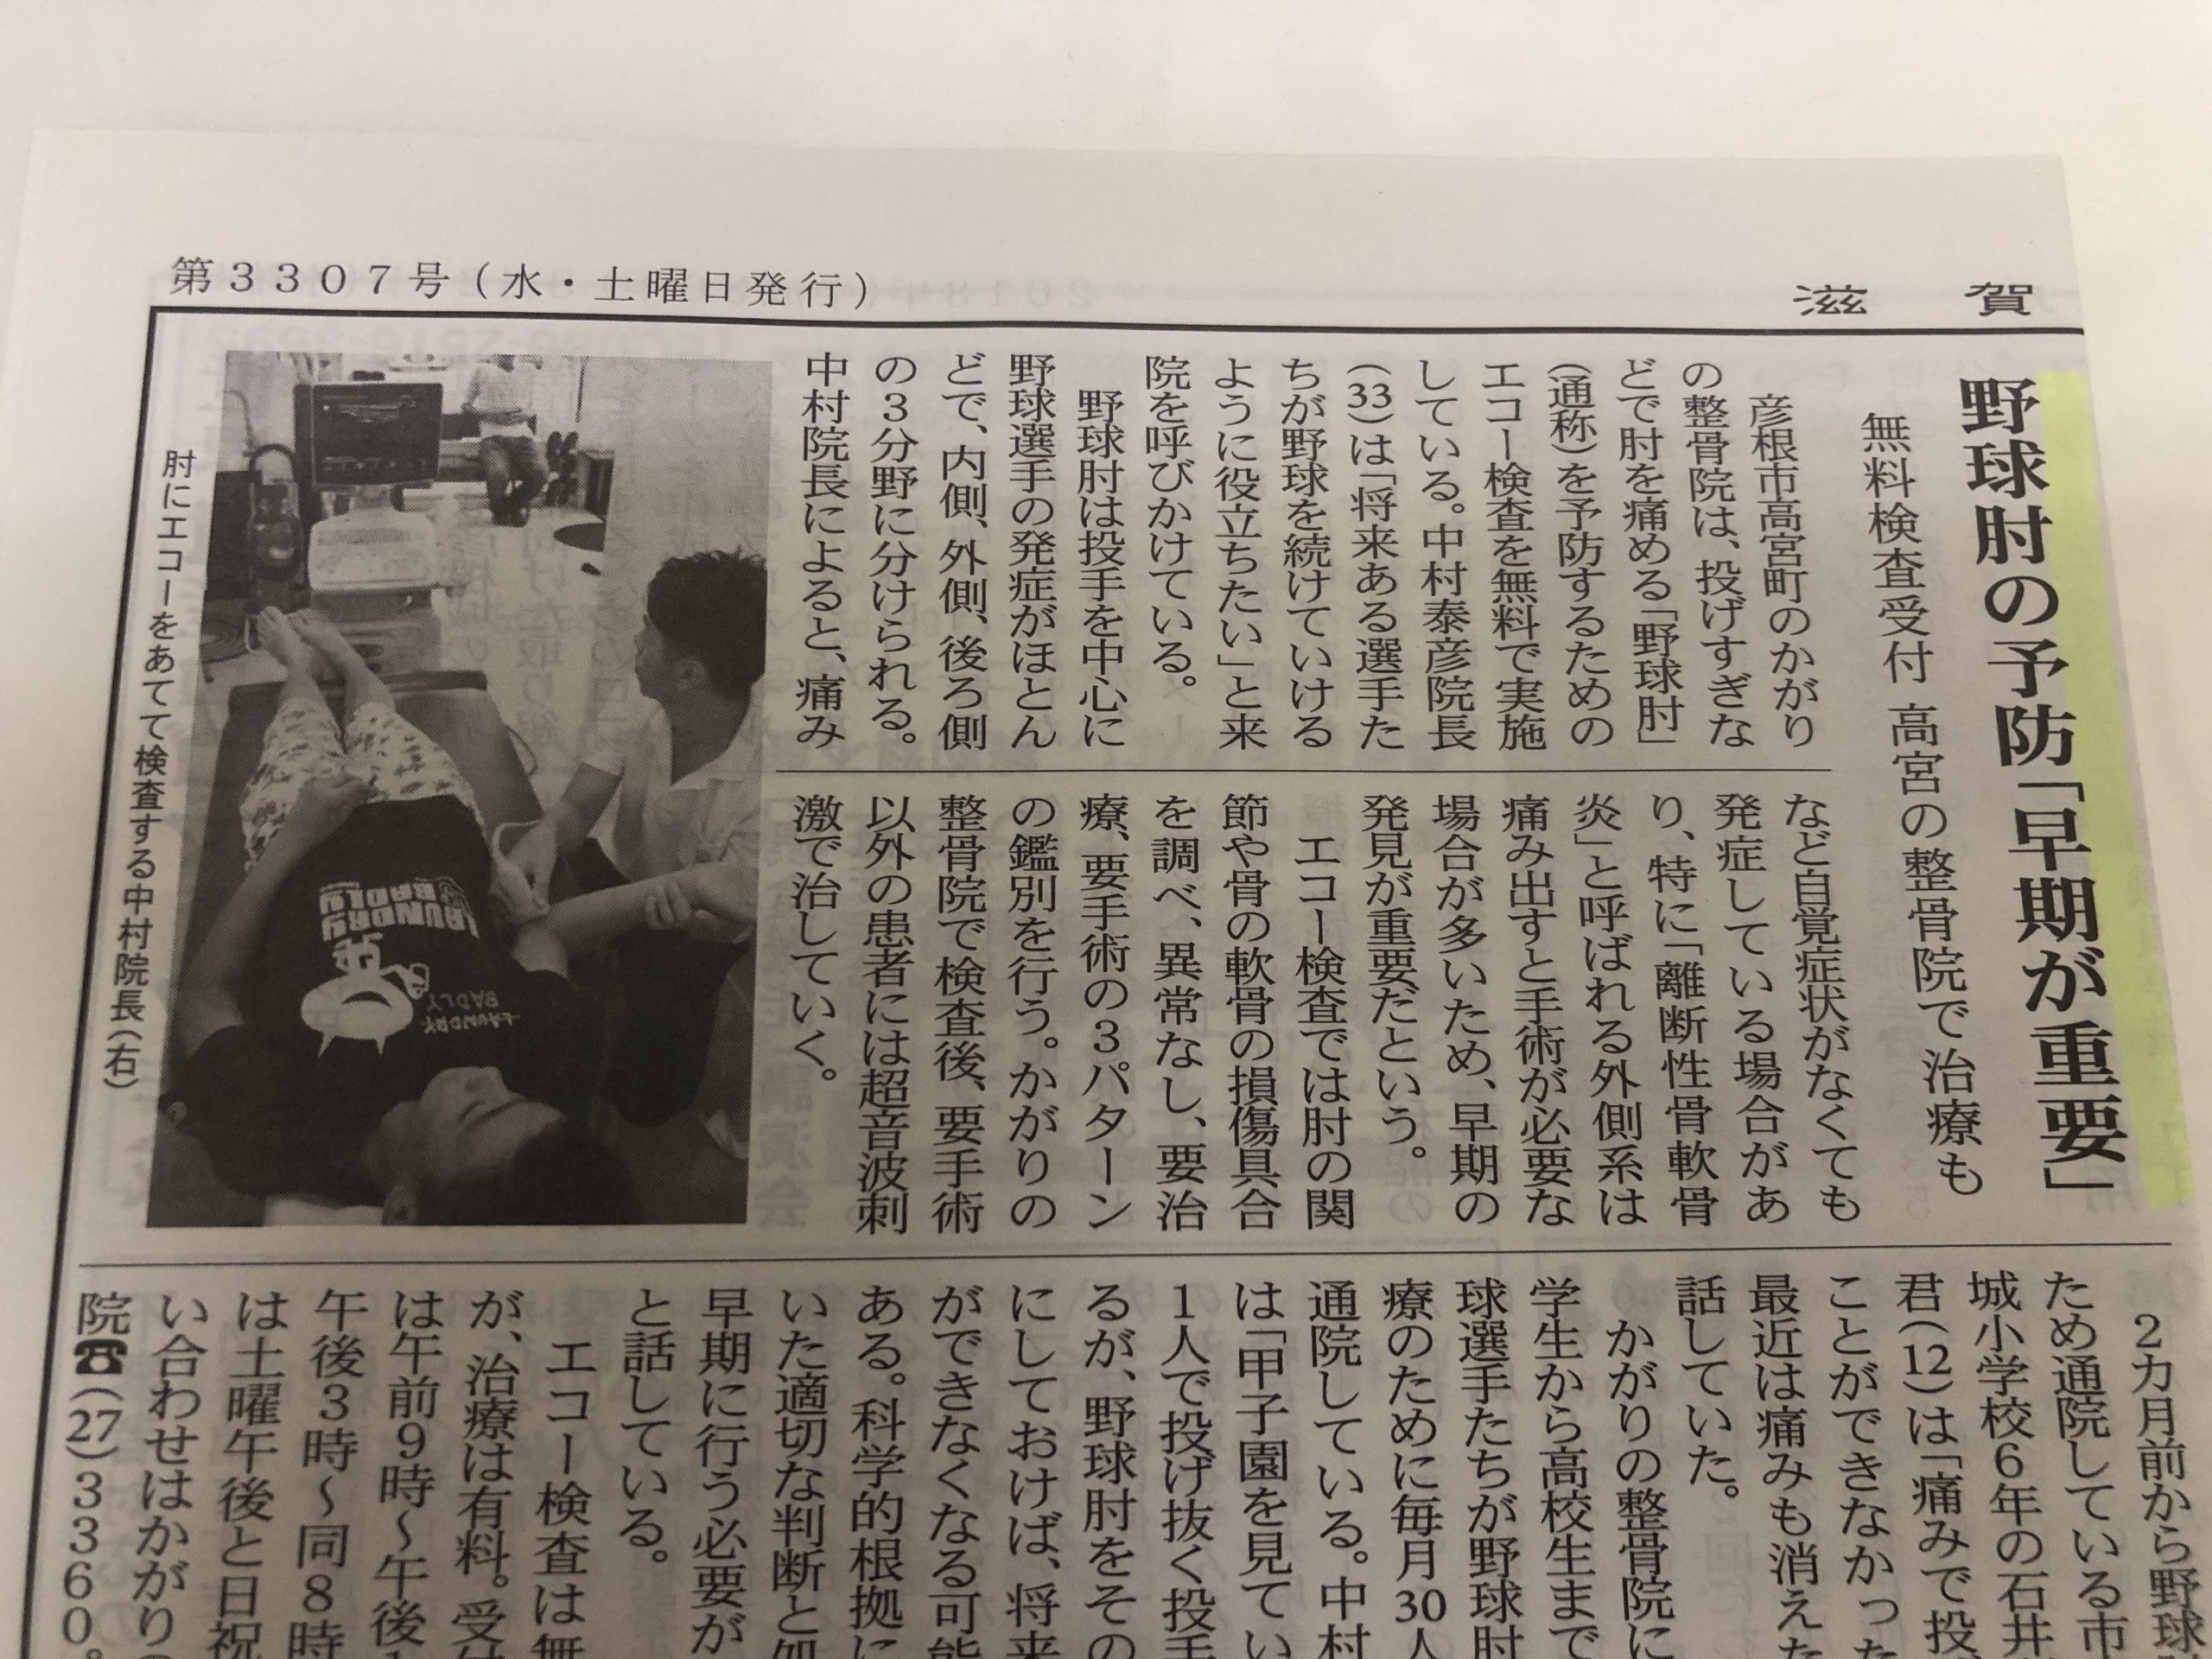 彦根市かがりの整骨院野球肘新聞記事